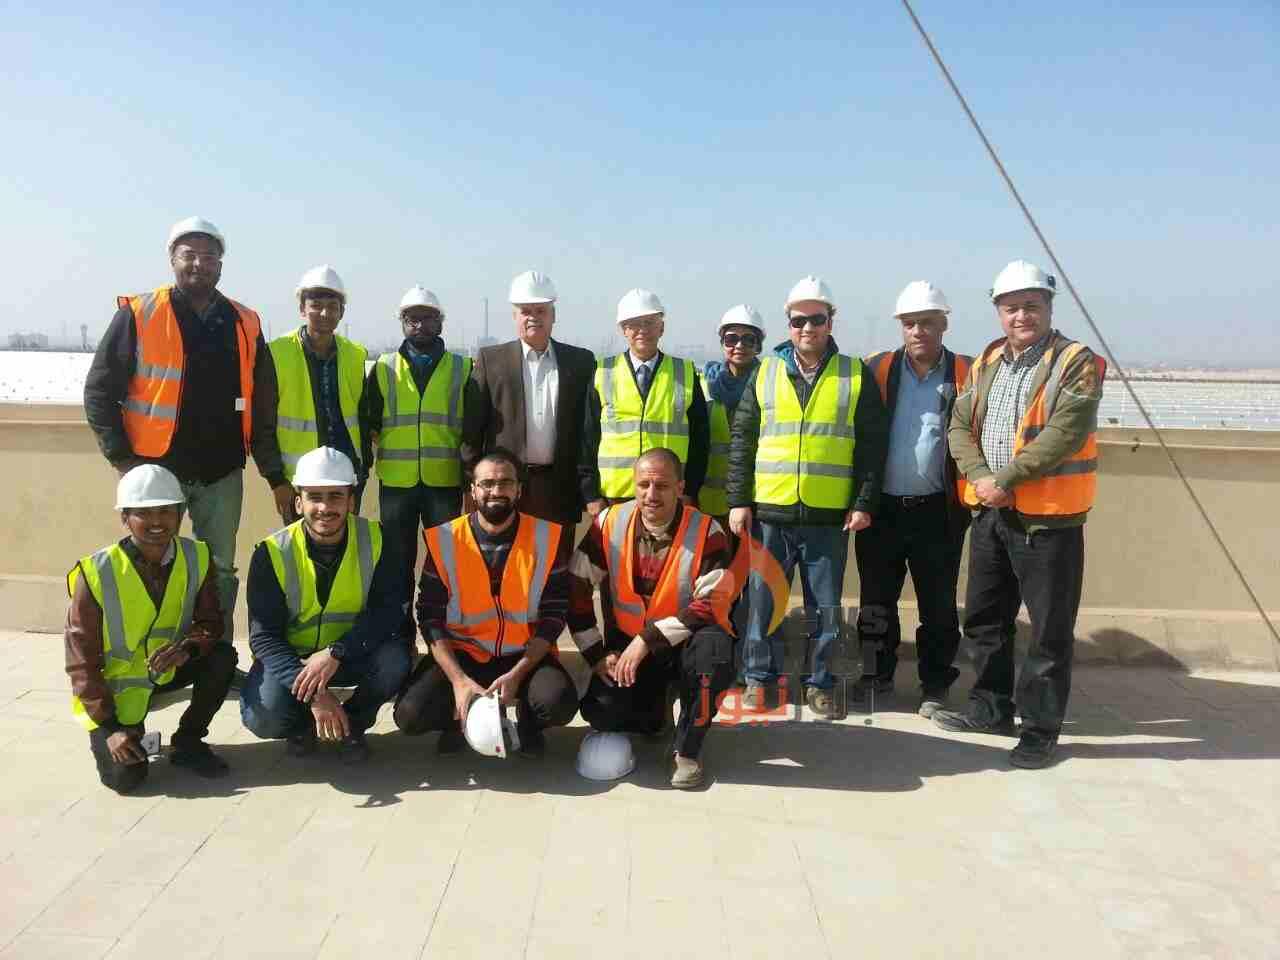 وفد من جامعة القاهرة يزور موقع المحطة الشمسية الحرارية بالكريمات